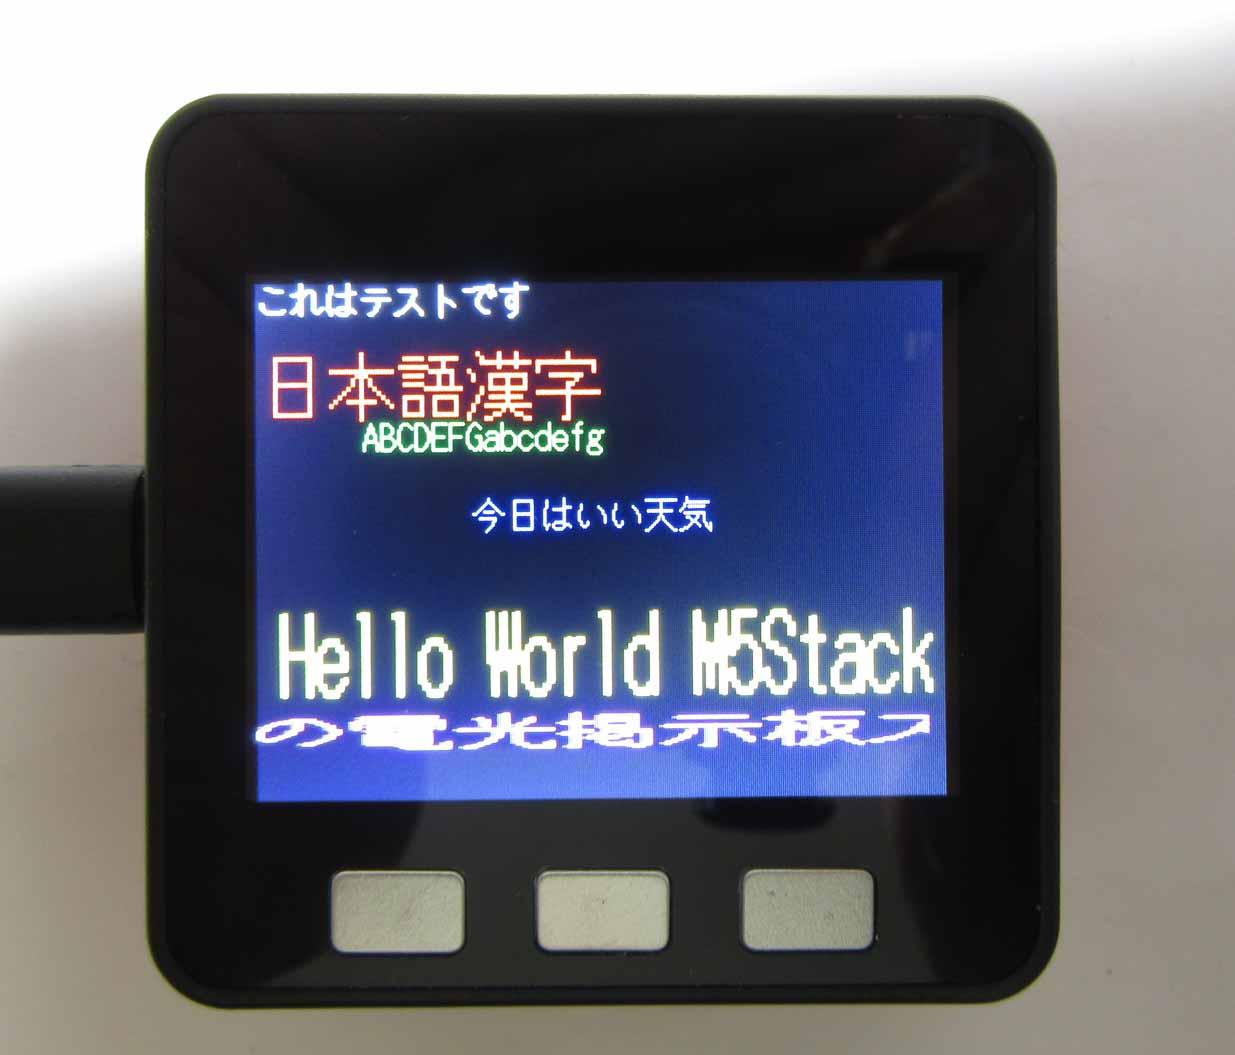 selectbox_m5stack_esp32_01.jpg